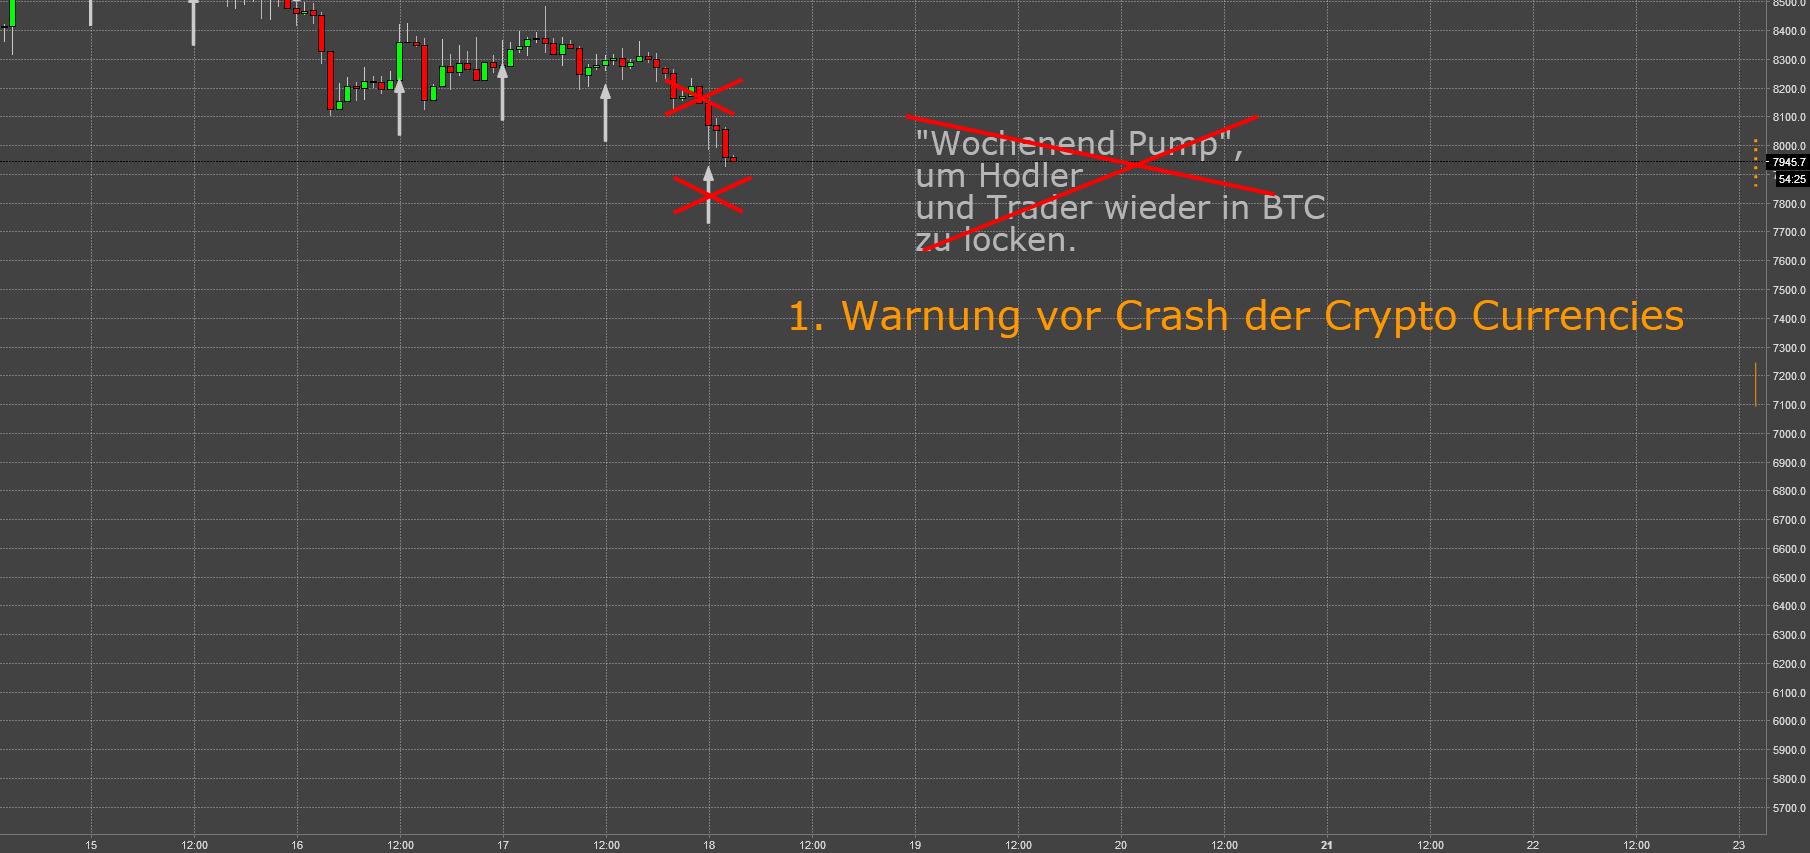 1. Warnung vor Crash der Cryptos